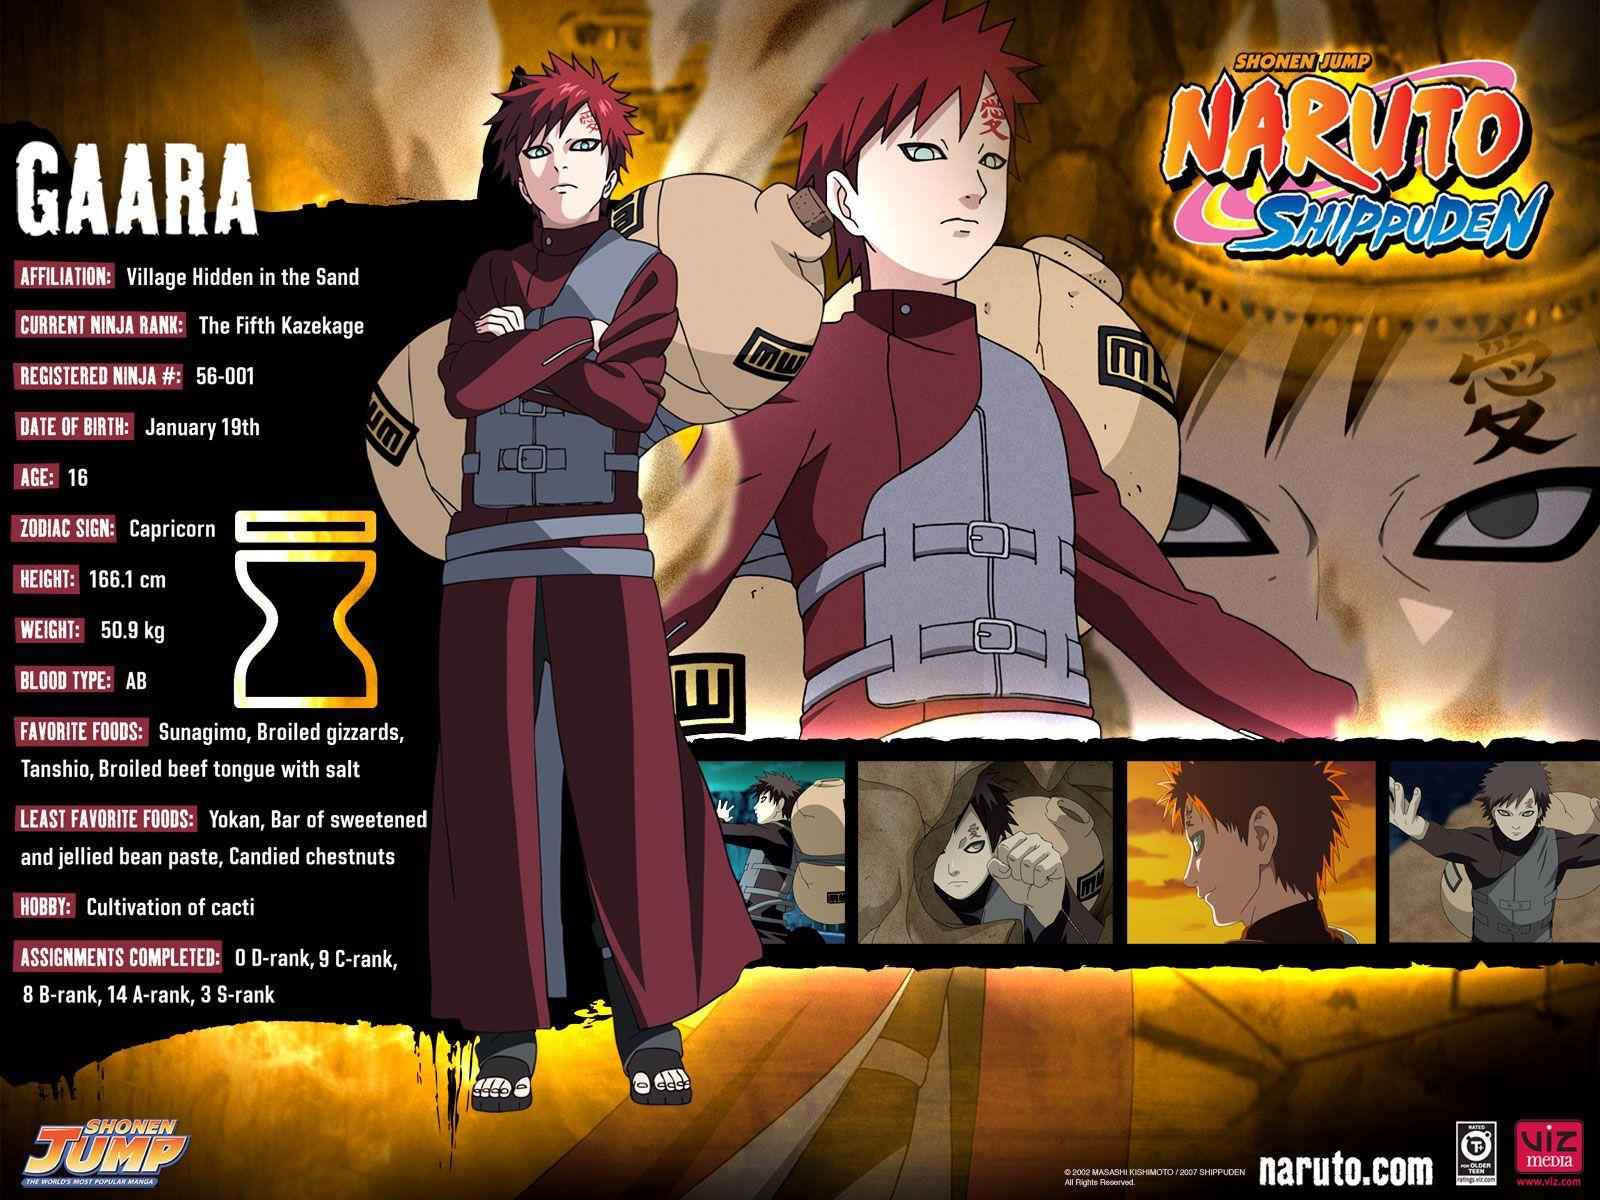 Gaara Naruto shippuden characters, Naruto character info